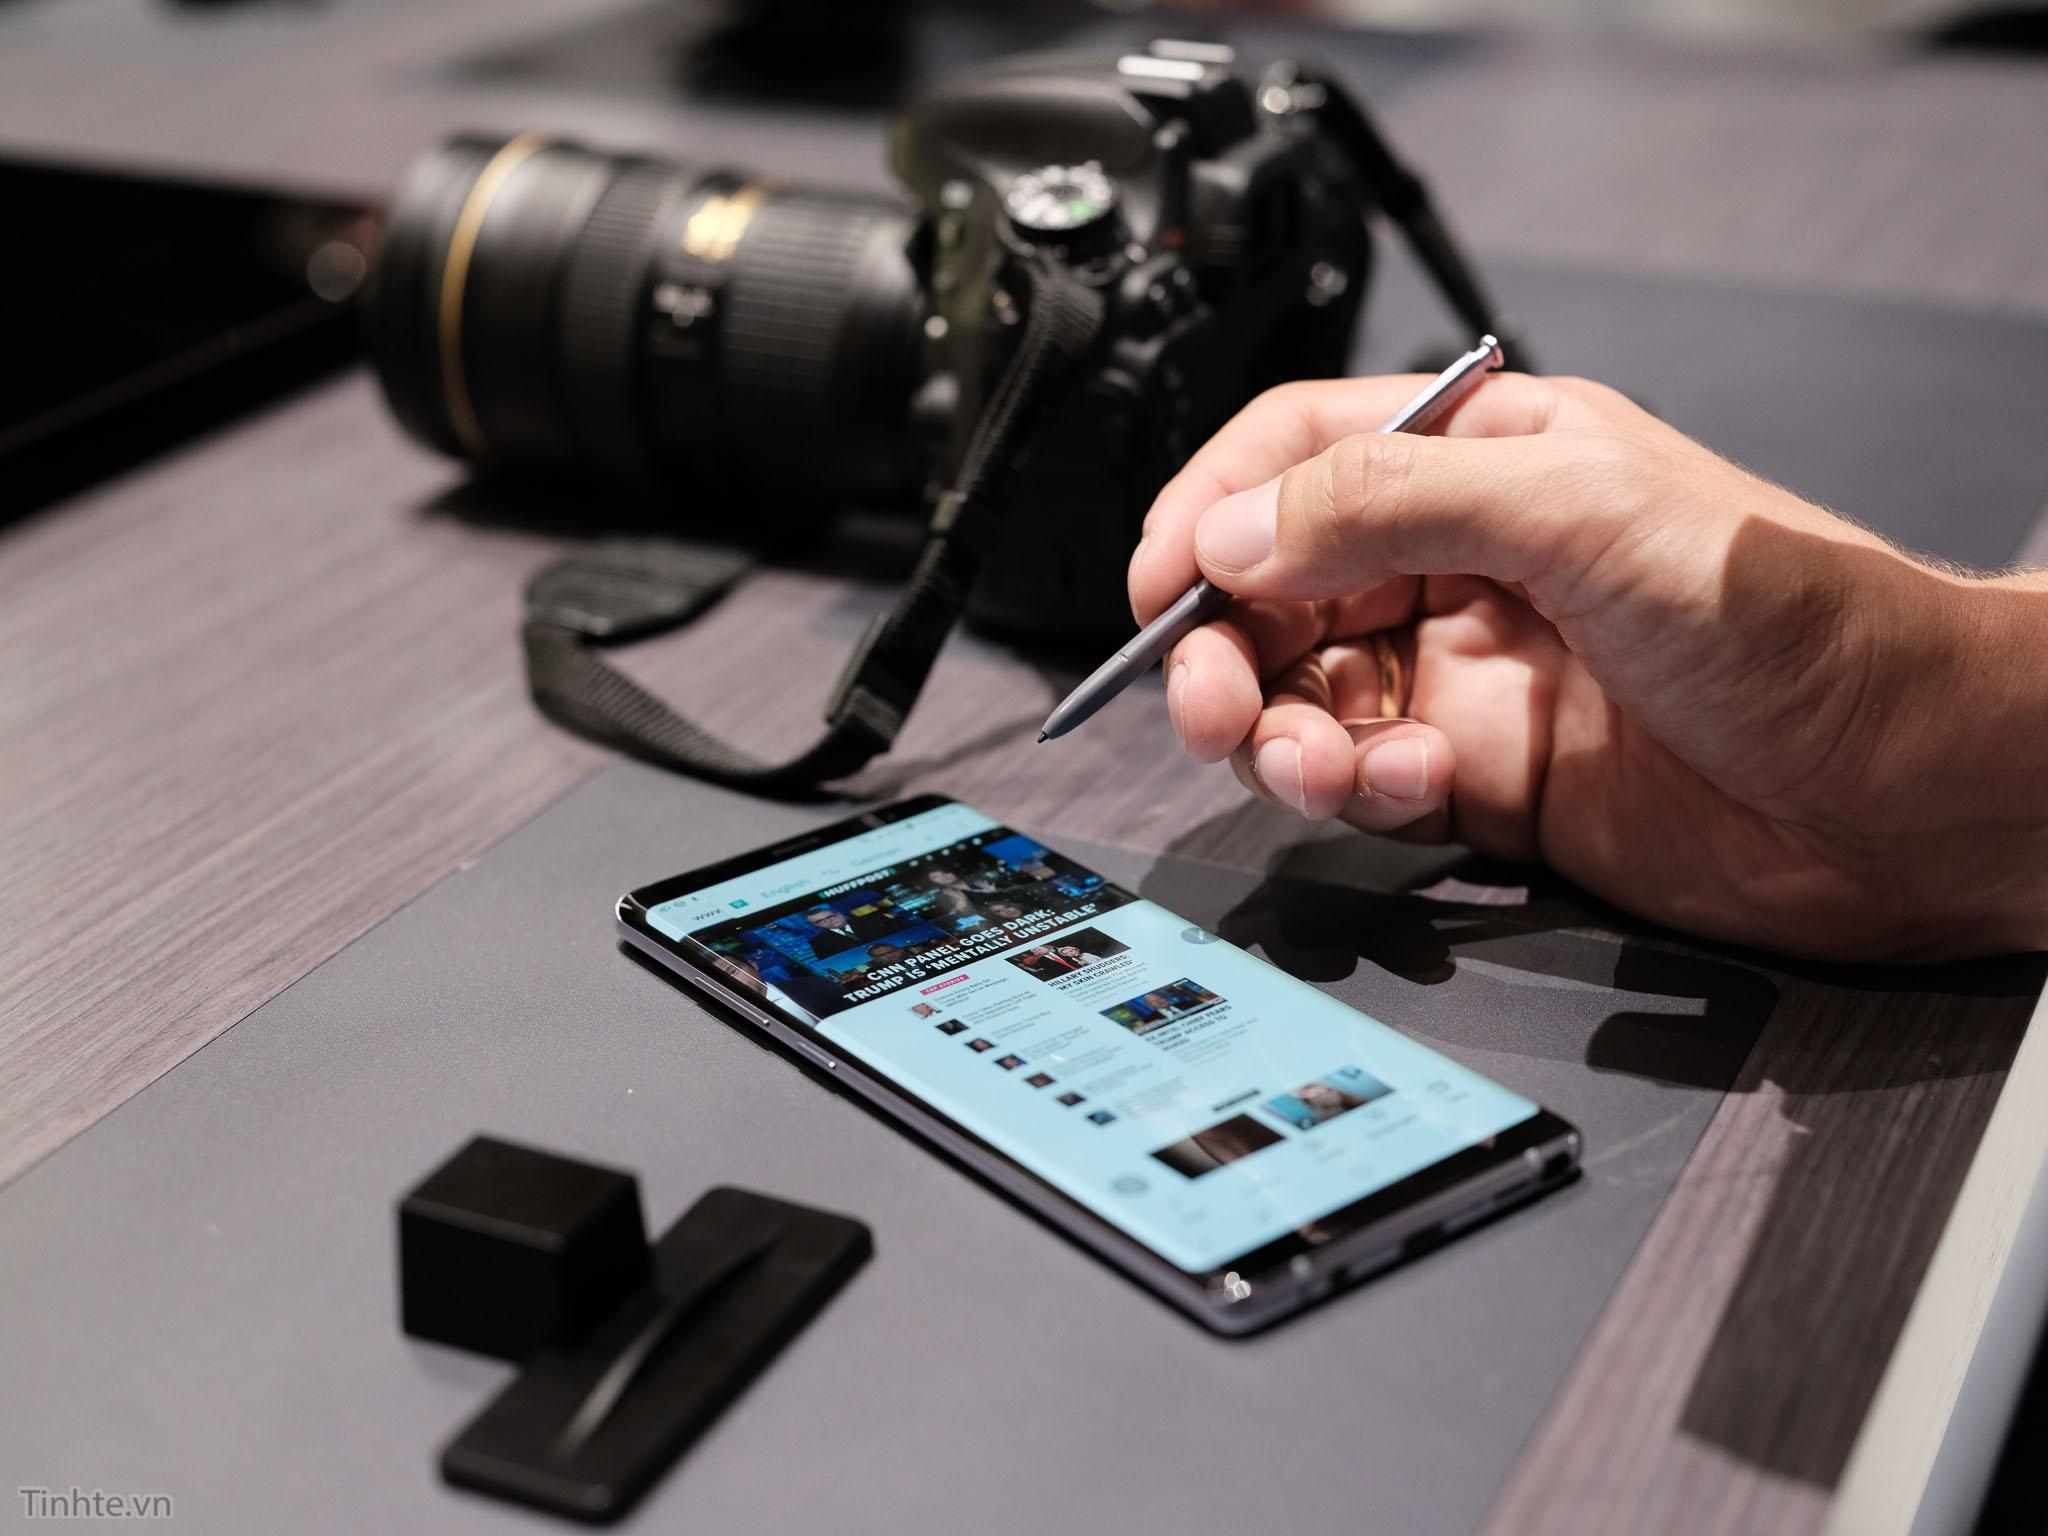 Samsung_Galaxy_Note_8_tinhte.vn-15.jpg